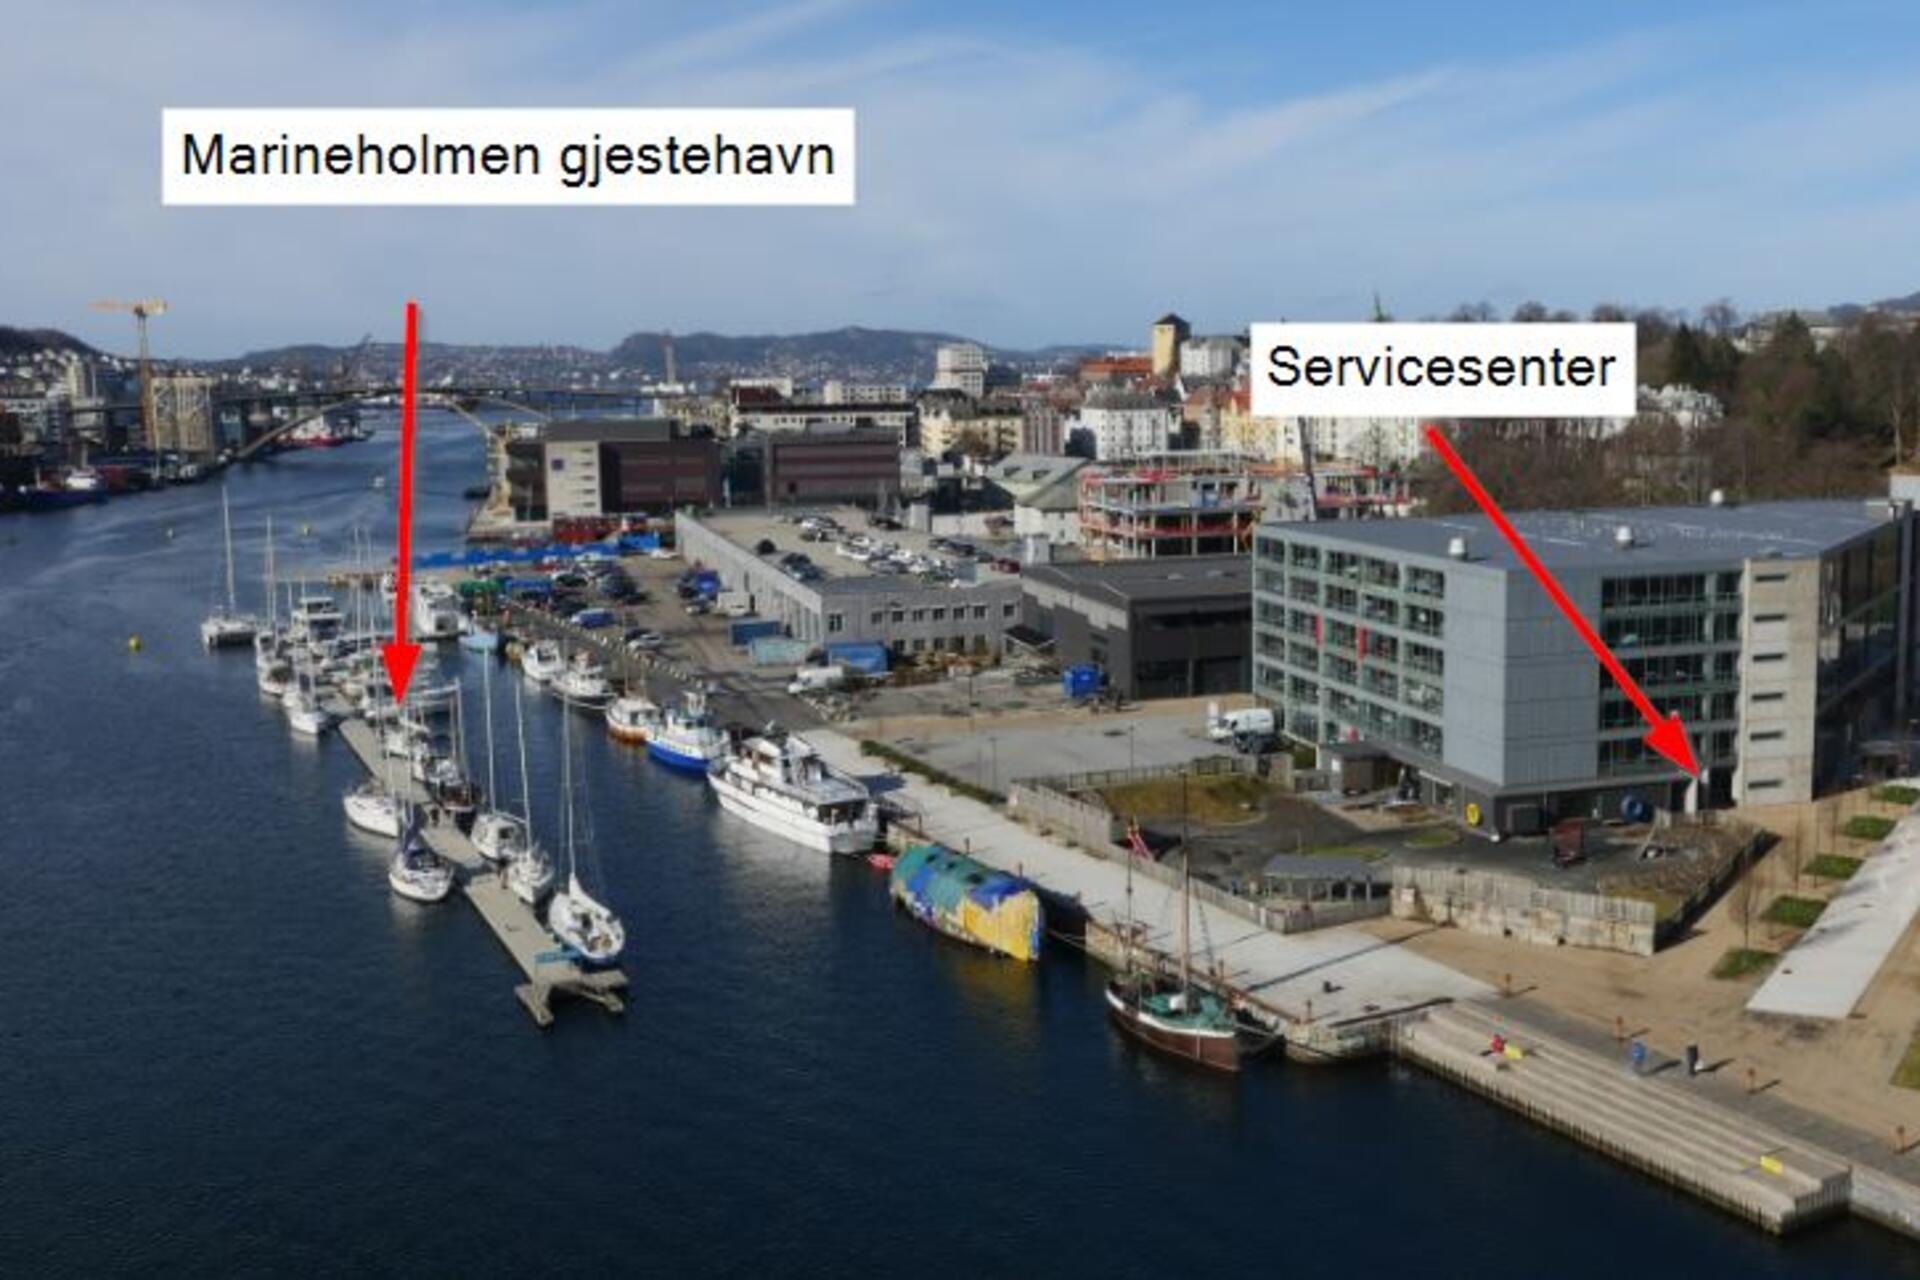 marineholmen kart Marineholmen gjestebrygge   GC Rieber Eiendom marineholmen kart